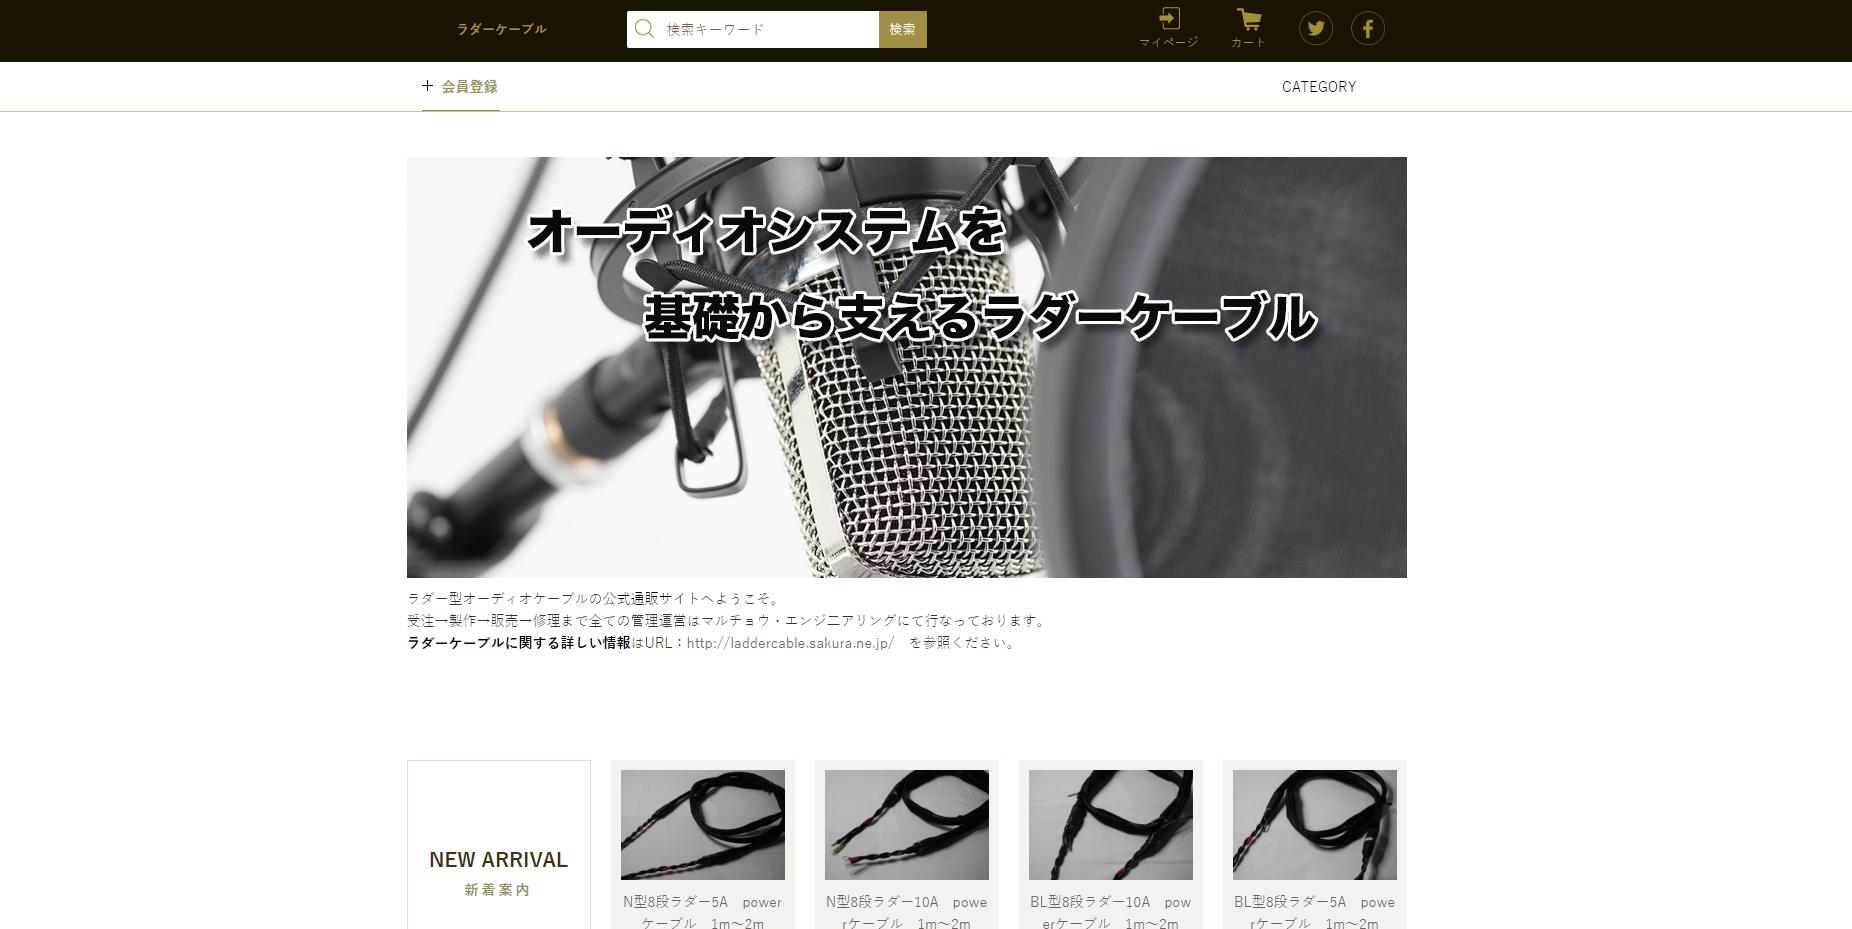 ヤマトフィナンシャル株式会社のらくうるカートで制作した、マルチョウ・エンジ二アリングさま_ラダー型オーディオケーブルの公式通販サイト